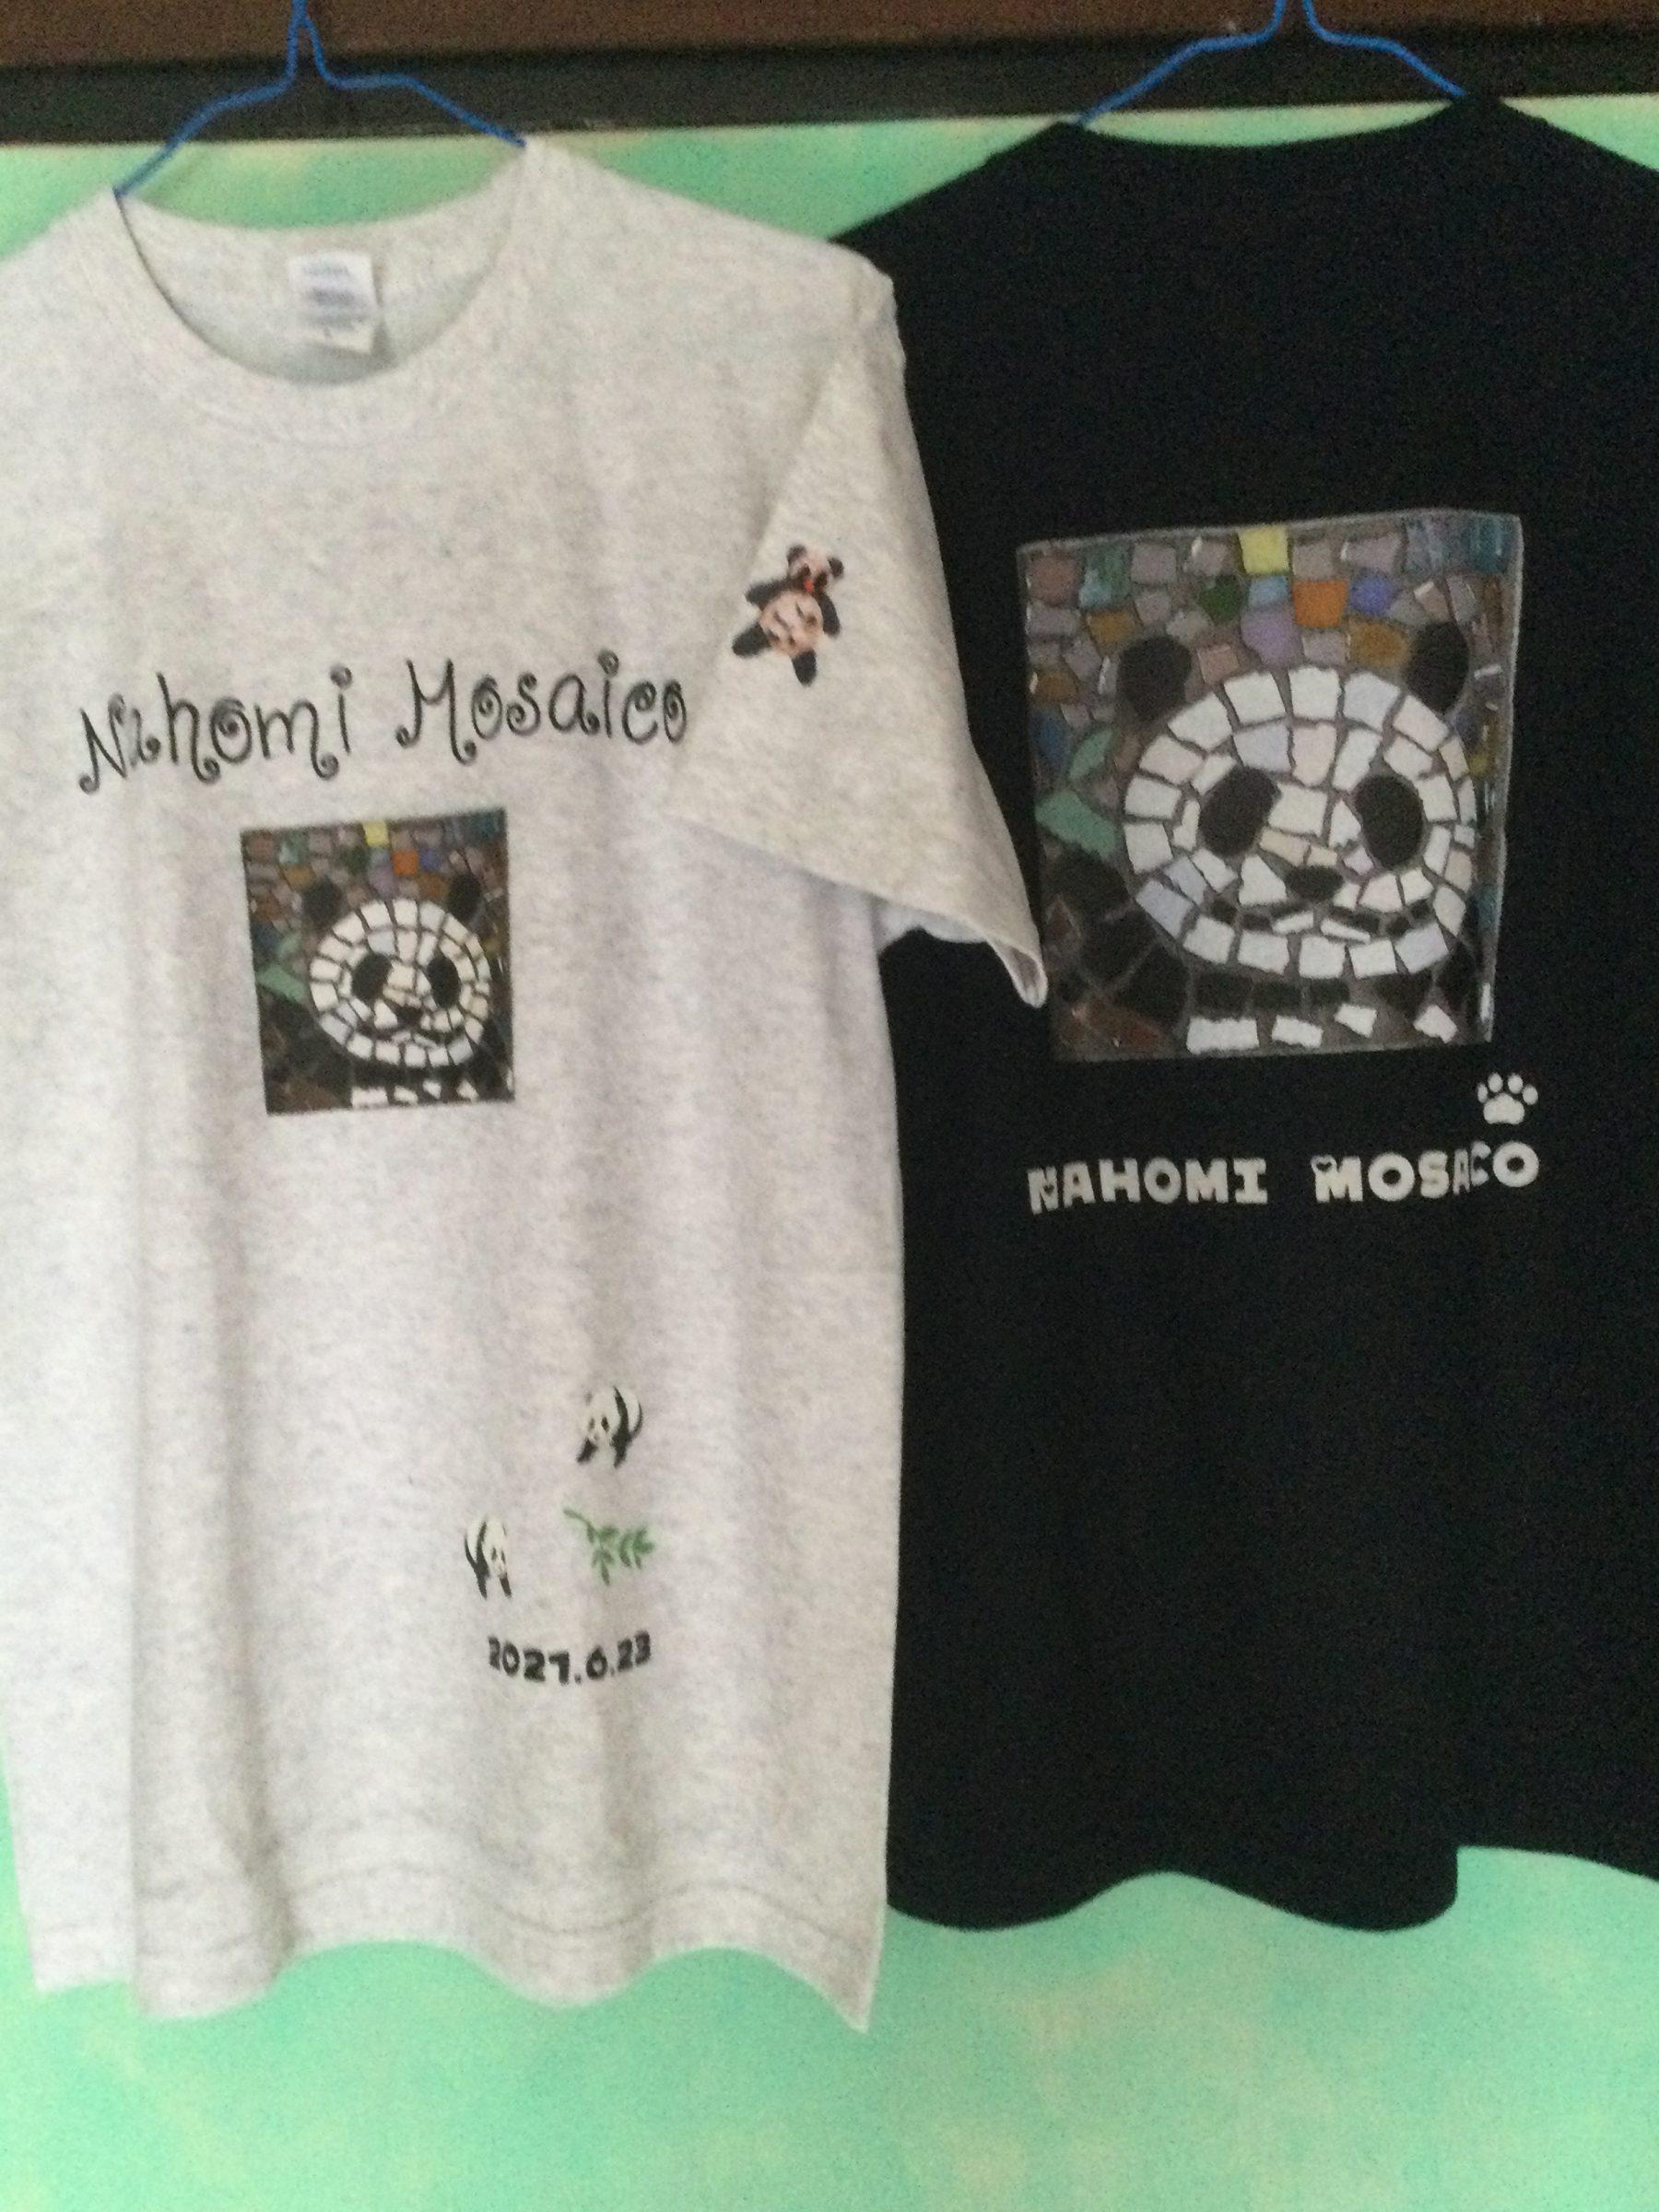 双子パンダ誕生記念Tシャツ 七歩美モザイコオリジナル